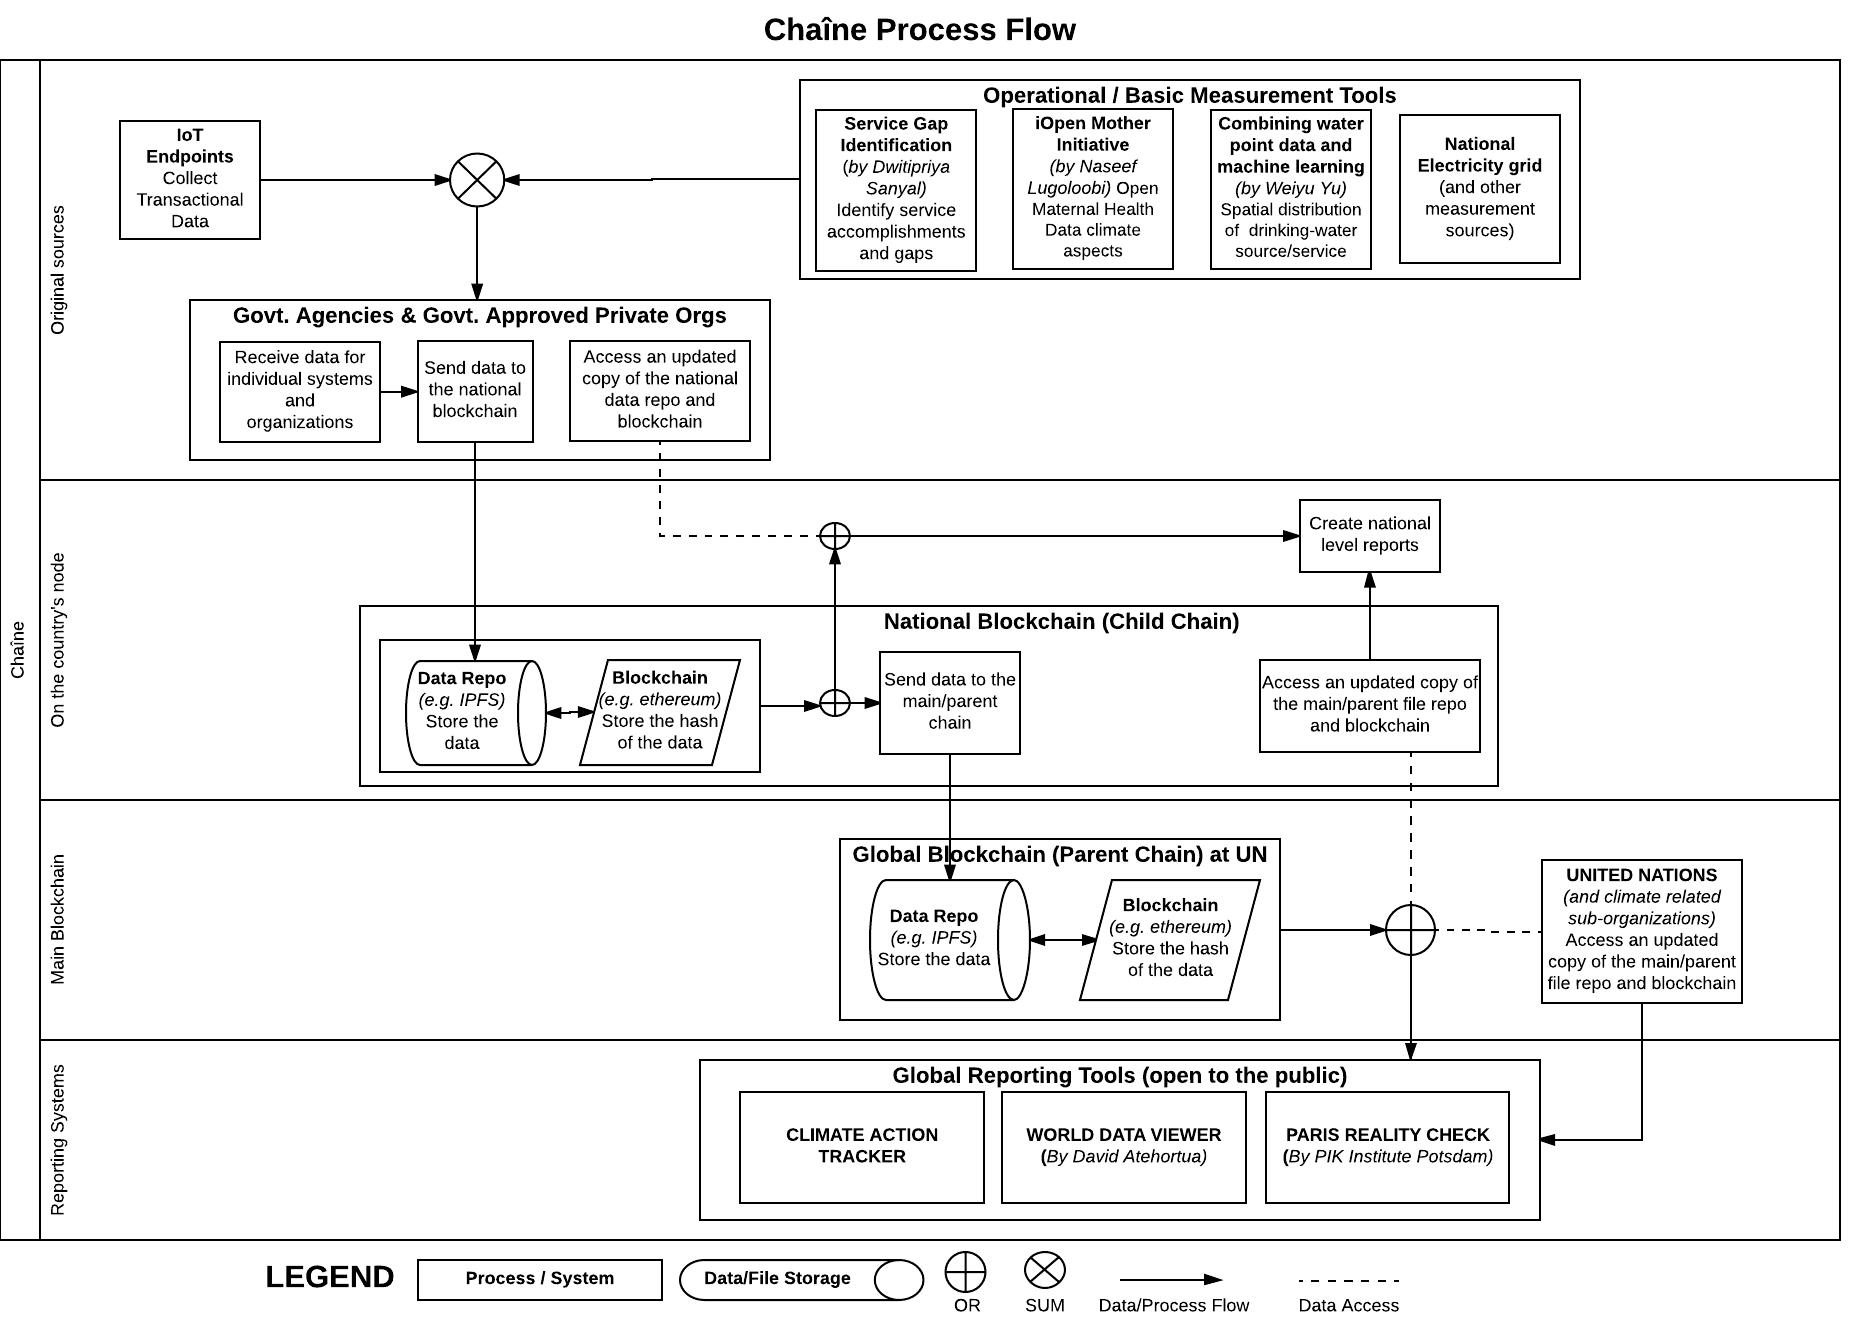 Chaîne Process Flow